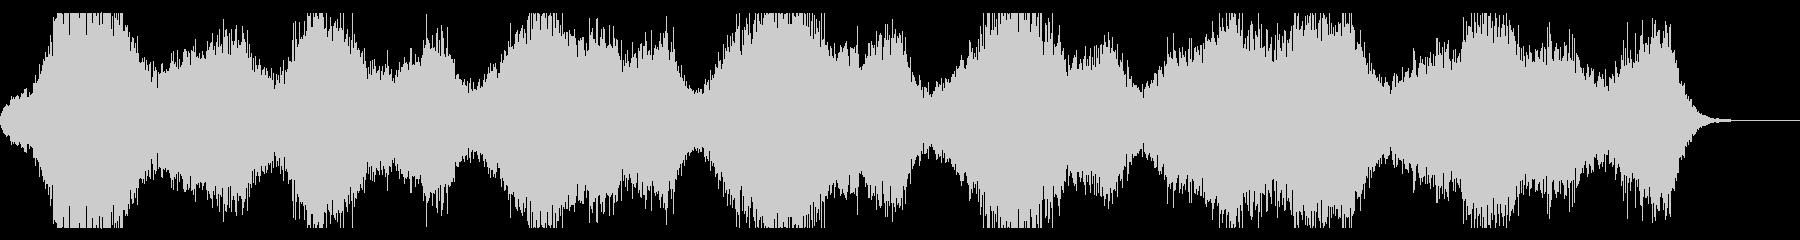 ミステリアス、幻想的なダークアンビエントの未再生の波形